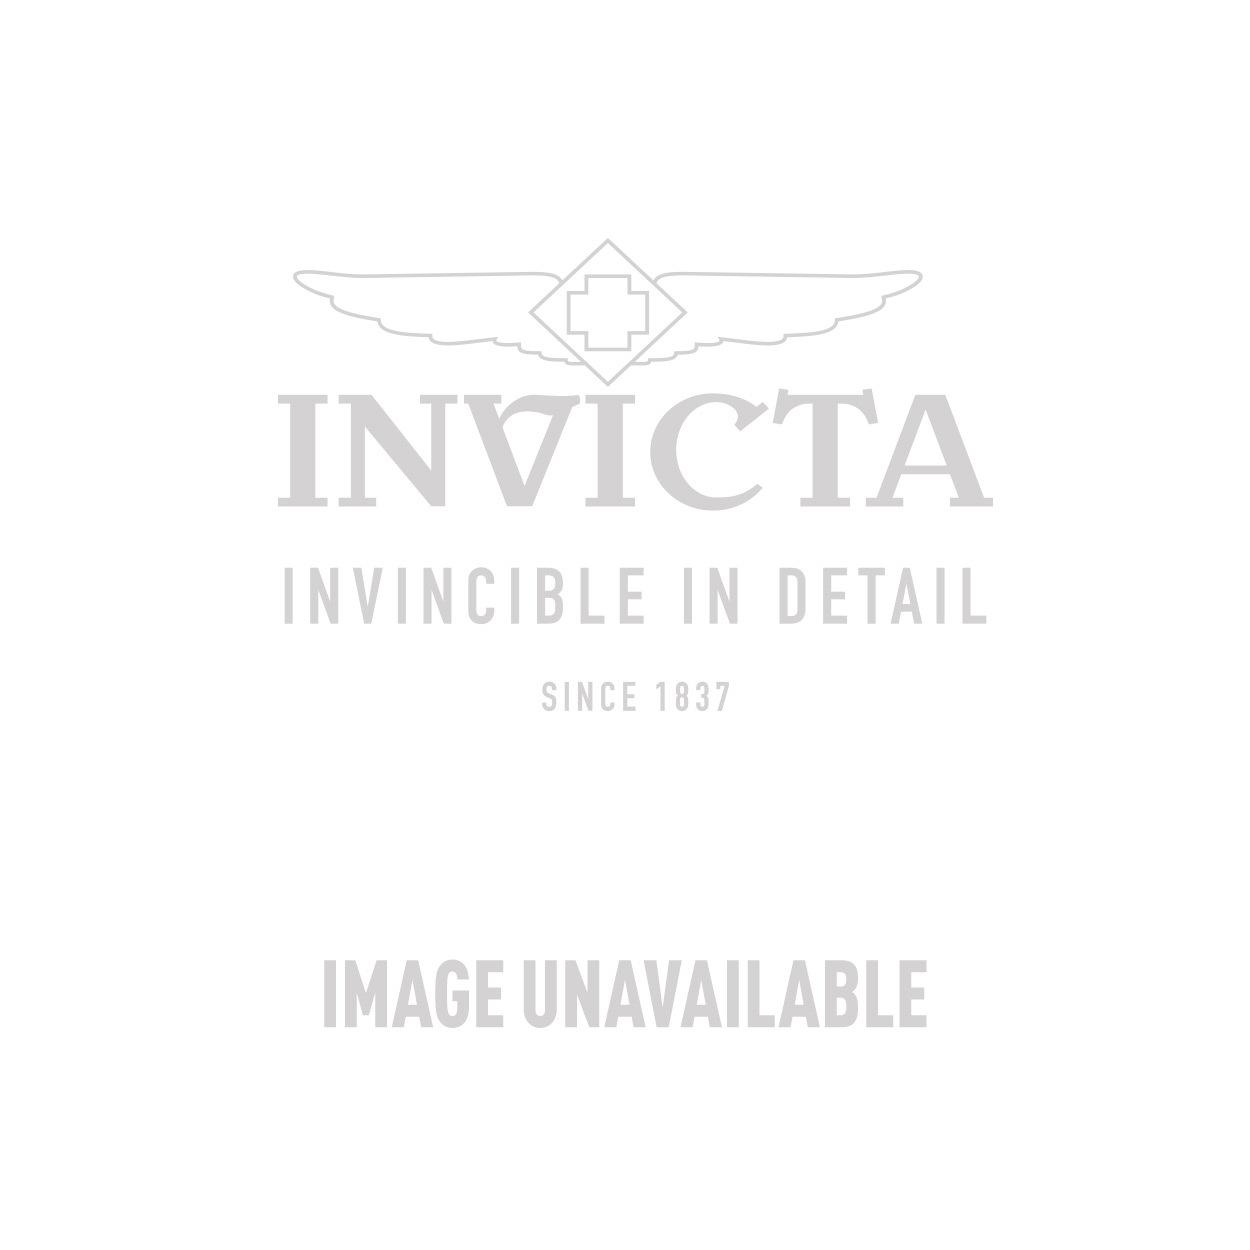 Invicta Model 21872